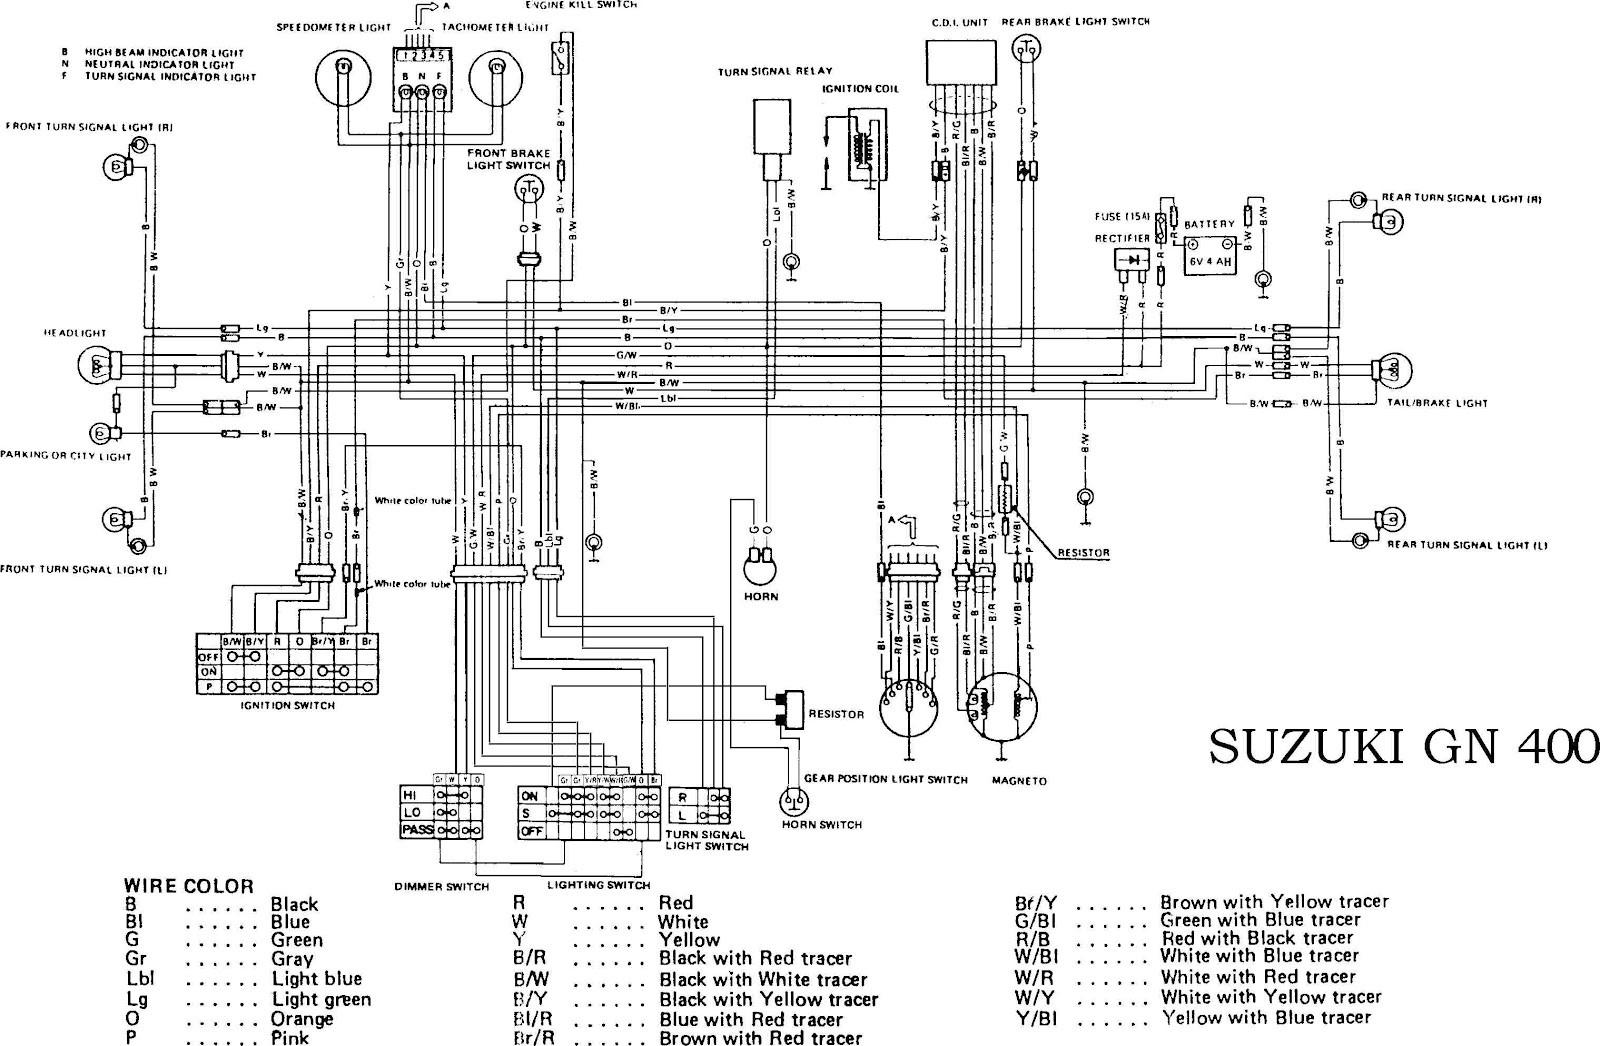 Suzuki Vl 1500 Wiring Diagram Wiring Diagram 88 Fa50 Suzuki Wiring Diagram Suzuki Gs850 Wiring Diagram Wiring 1999 Suzuki Intruder 1500 Wiring Diagram